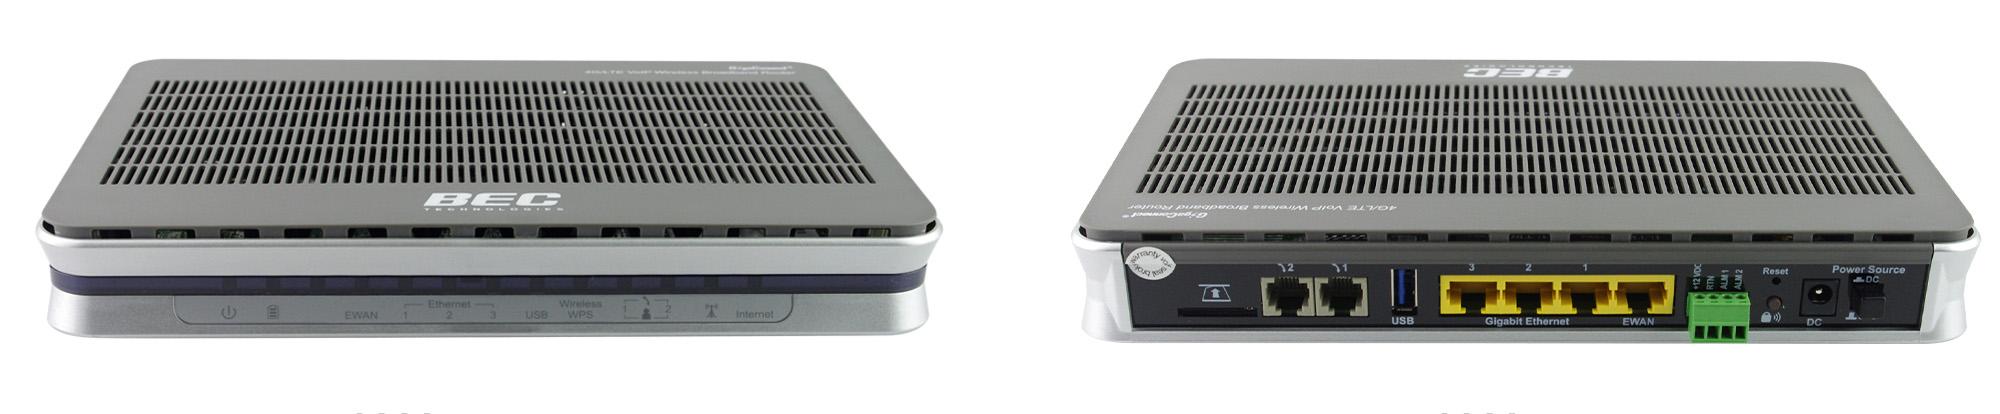 BEC 6300VNL front and back